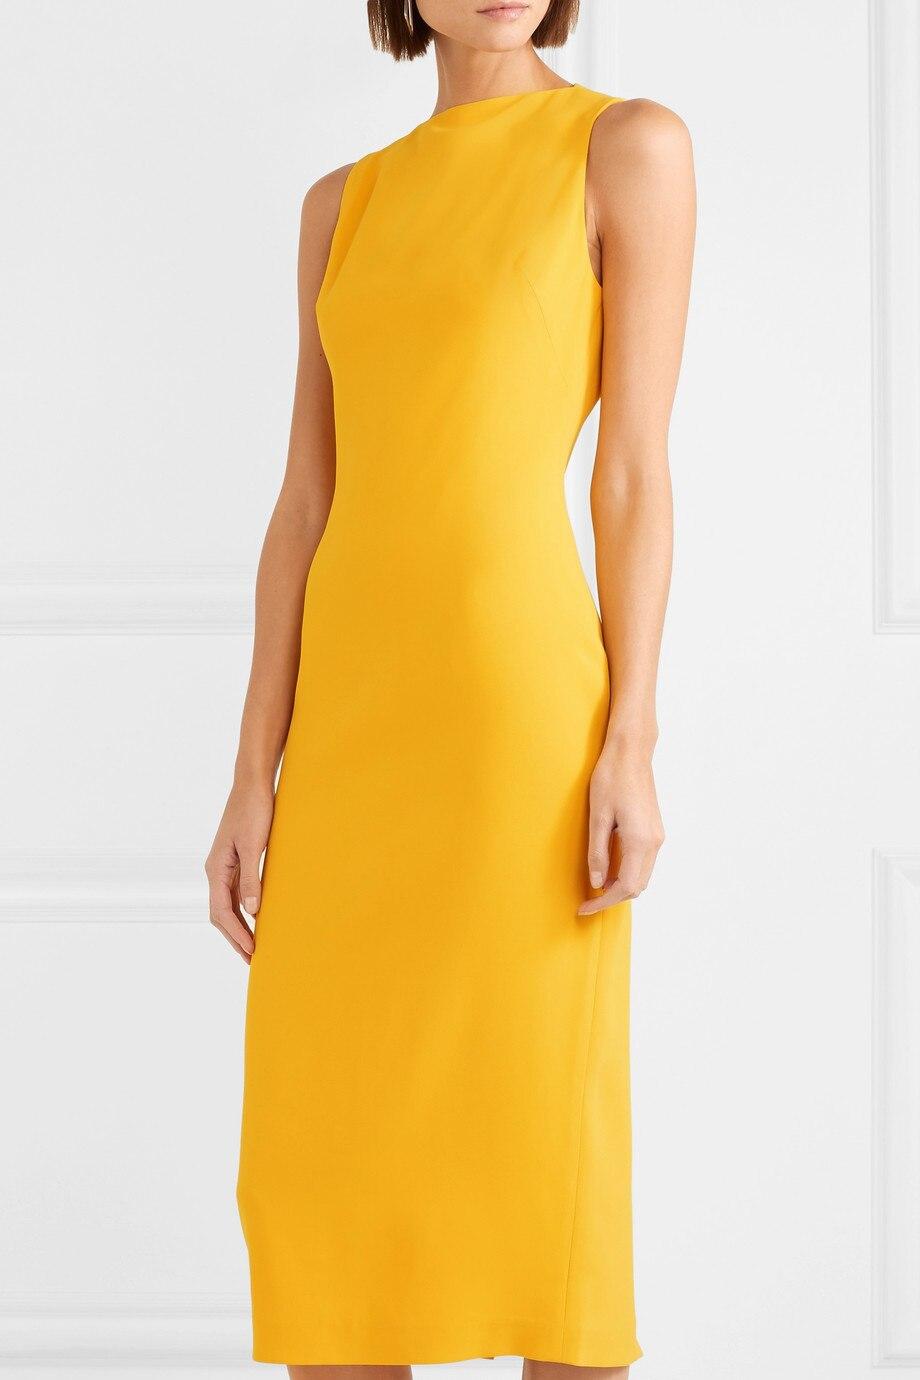 2019 lato nowy nabytek elegancki Lady mieszanki szyfonowa sukienka jednolity żółty bez rękawów Vestidos dno podział O Neck ołówek sukienki w Suknie od Odzież damska na  Grupa 1